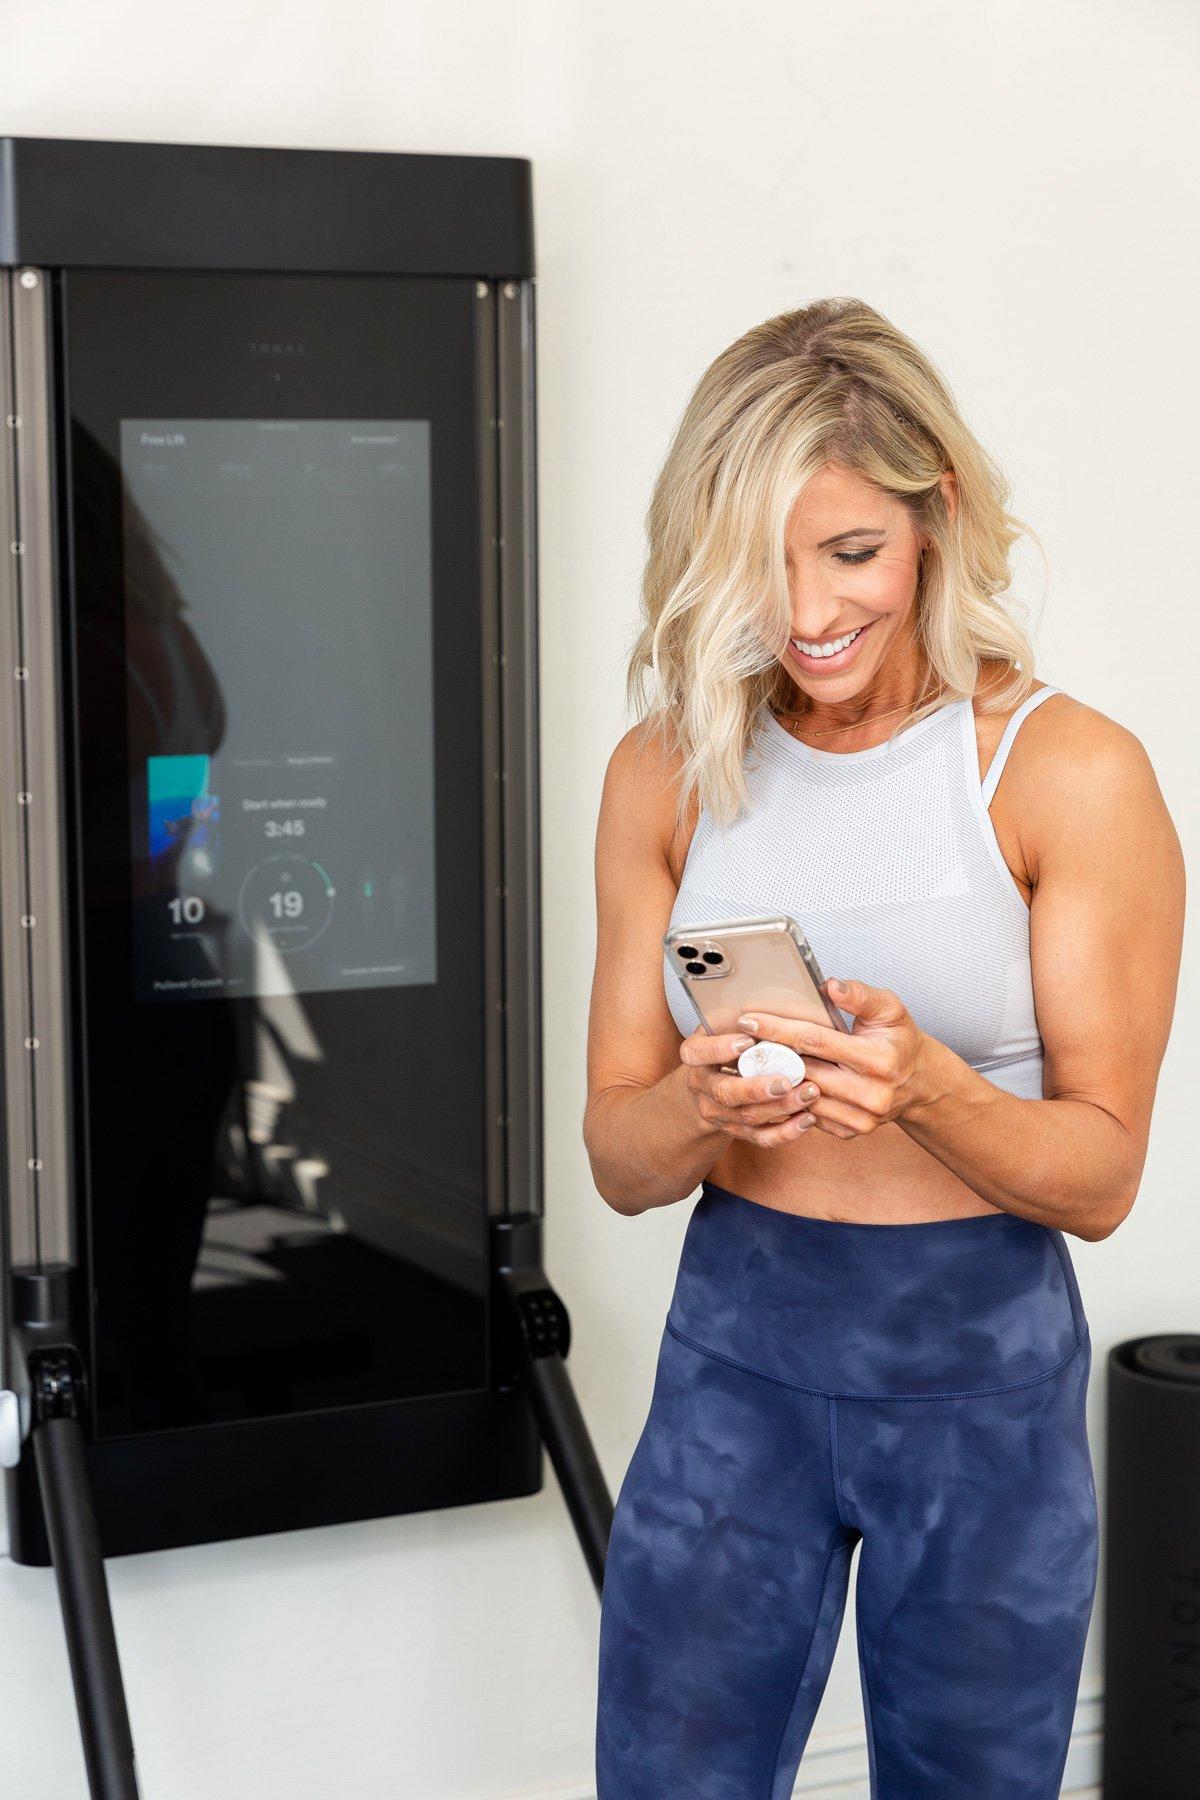 Get Smart: Tonal Home Gym Review